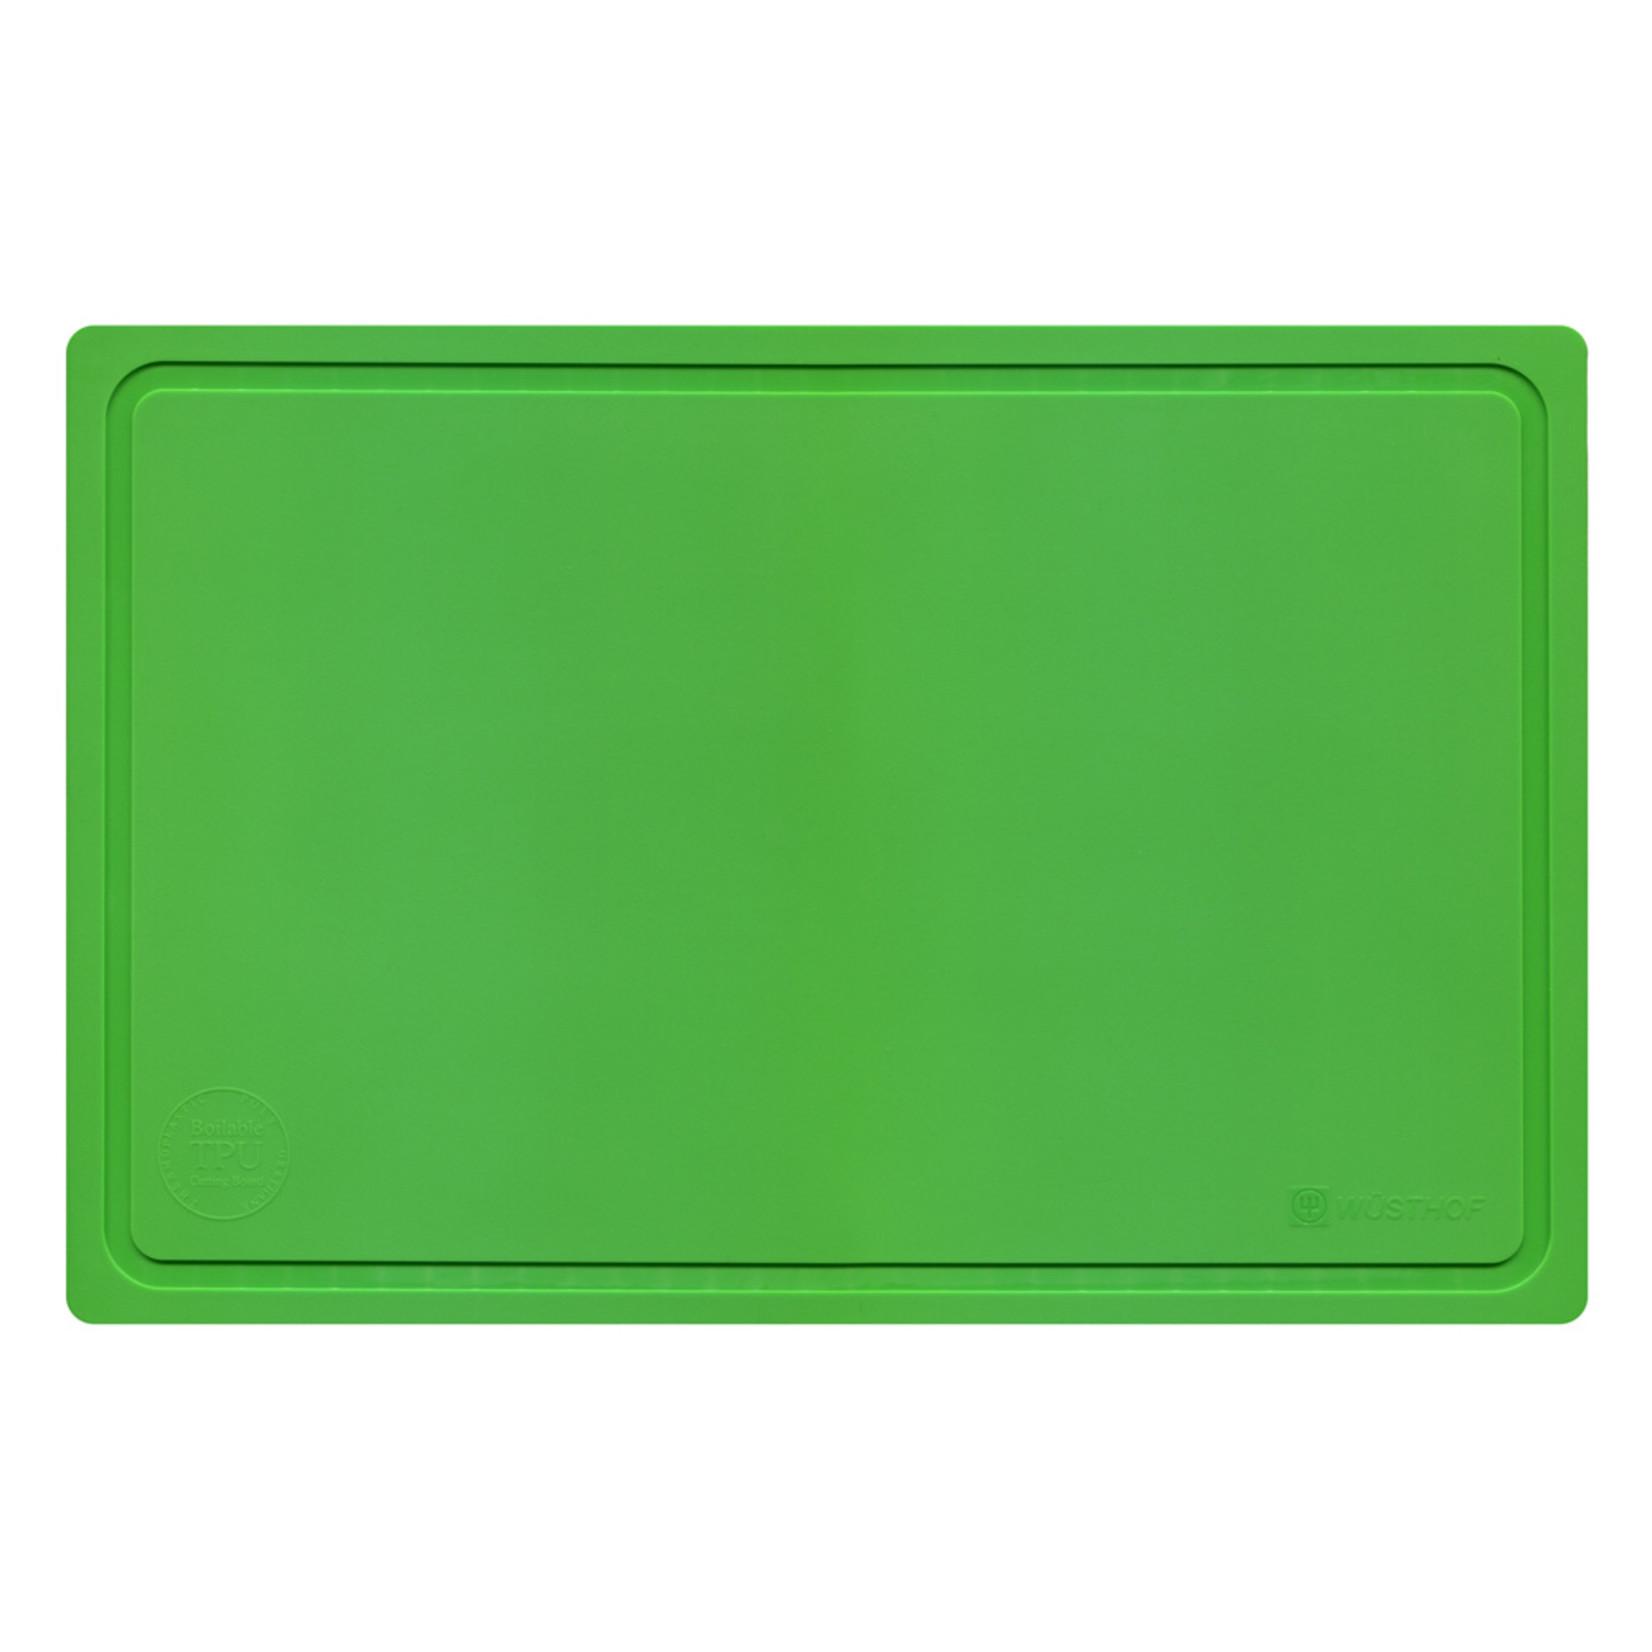 Wusthof Wusthof snijplank groen 38x25cm